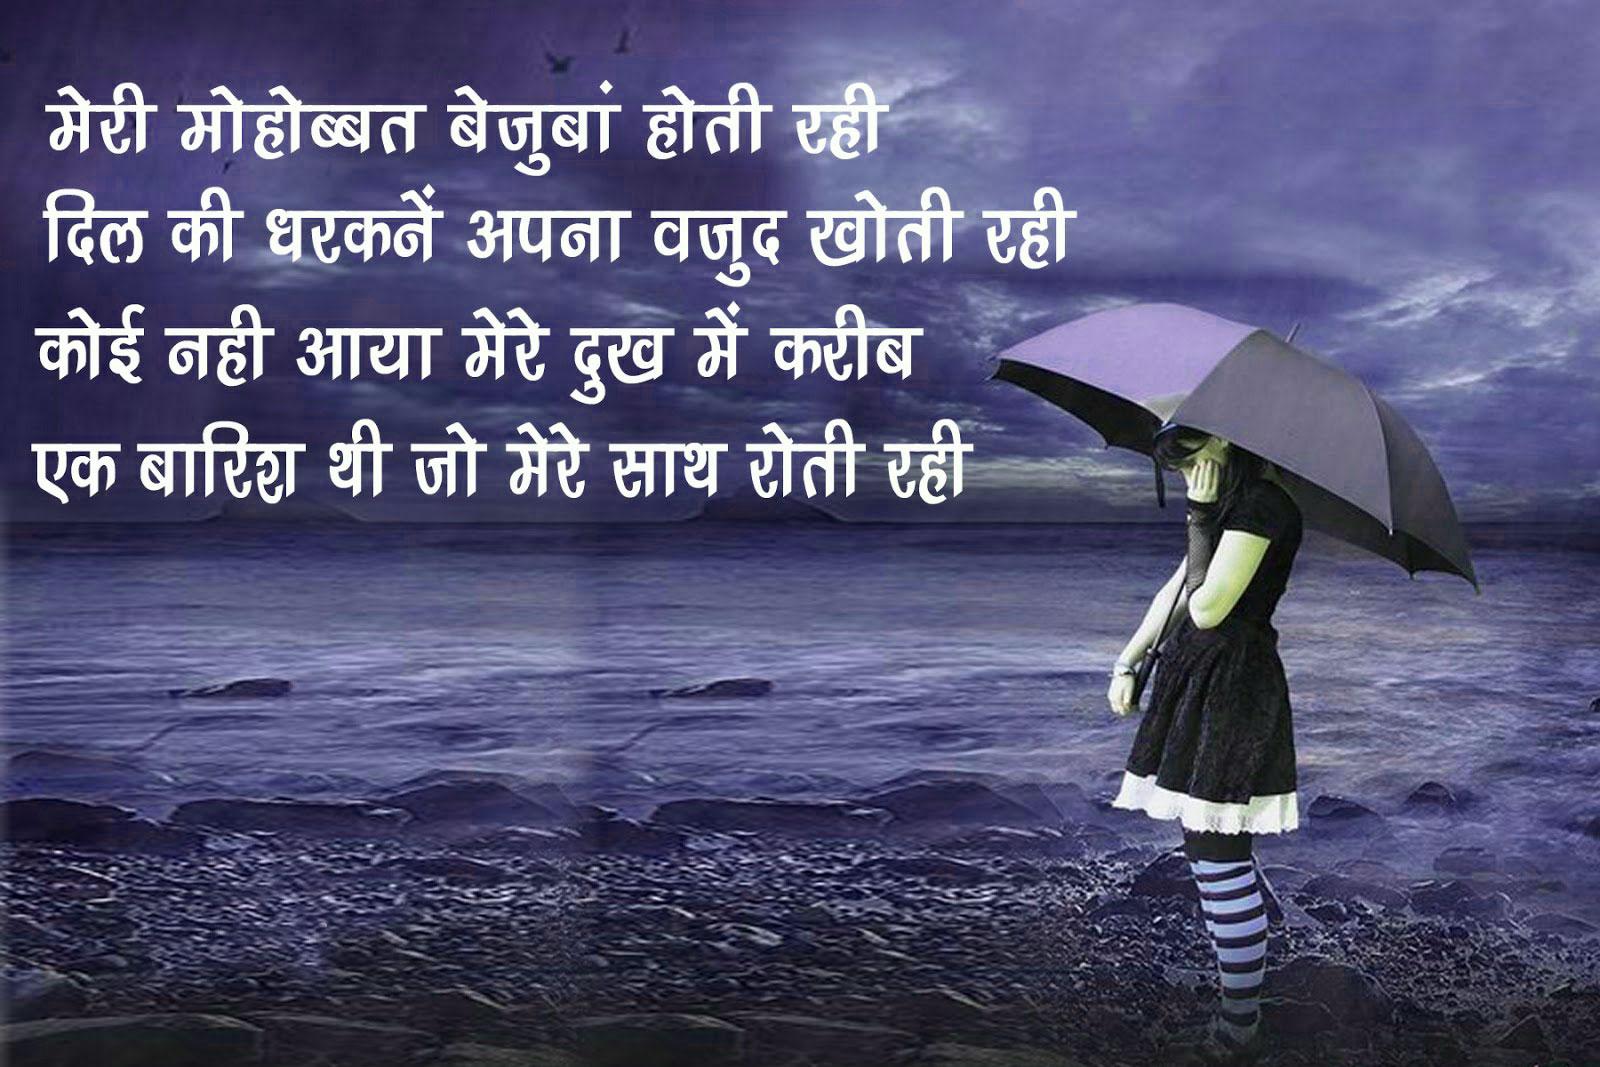 Best Hindi Love Shayari Quotes Whatsapp Status61